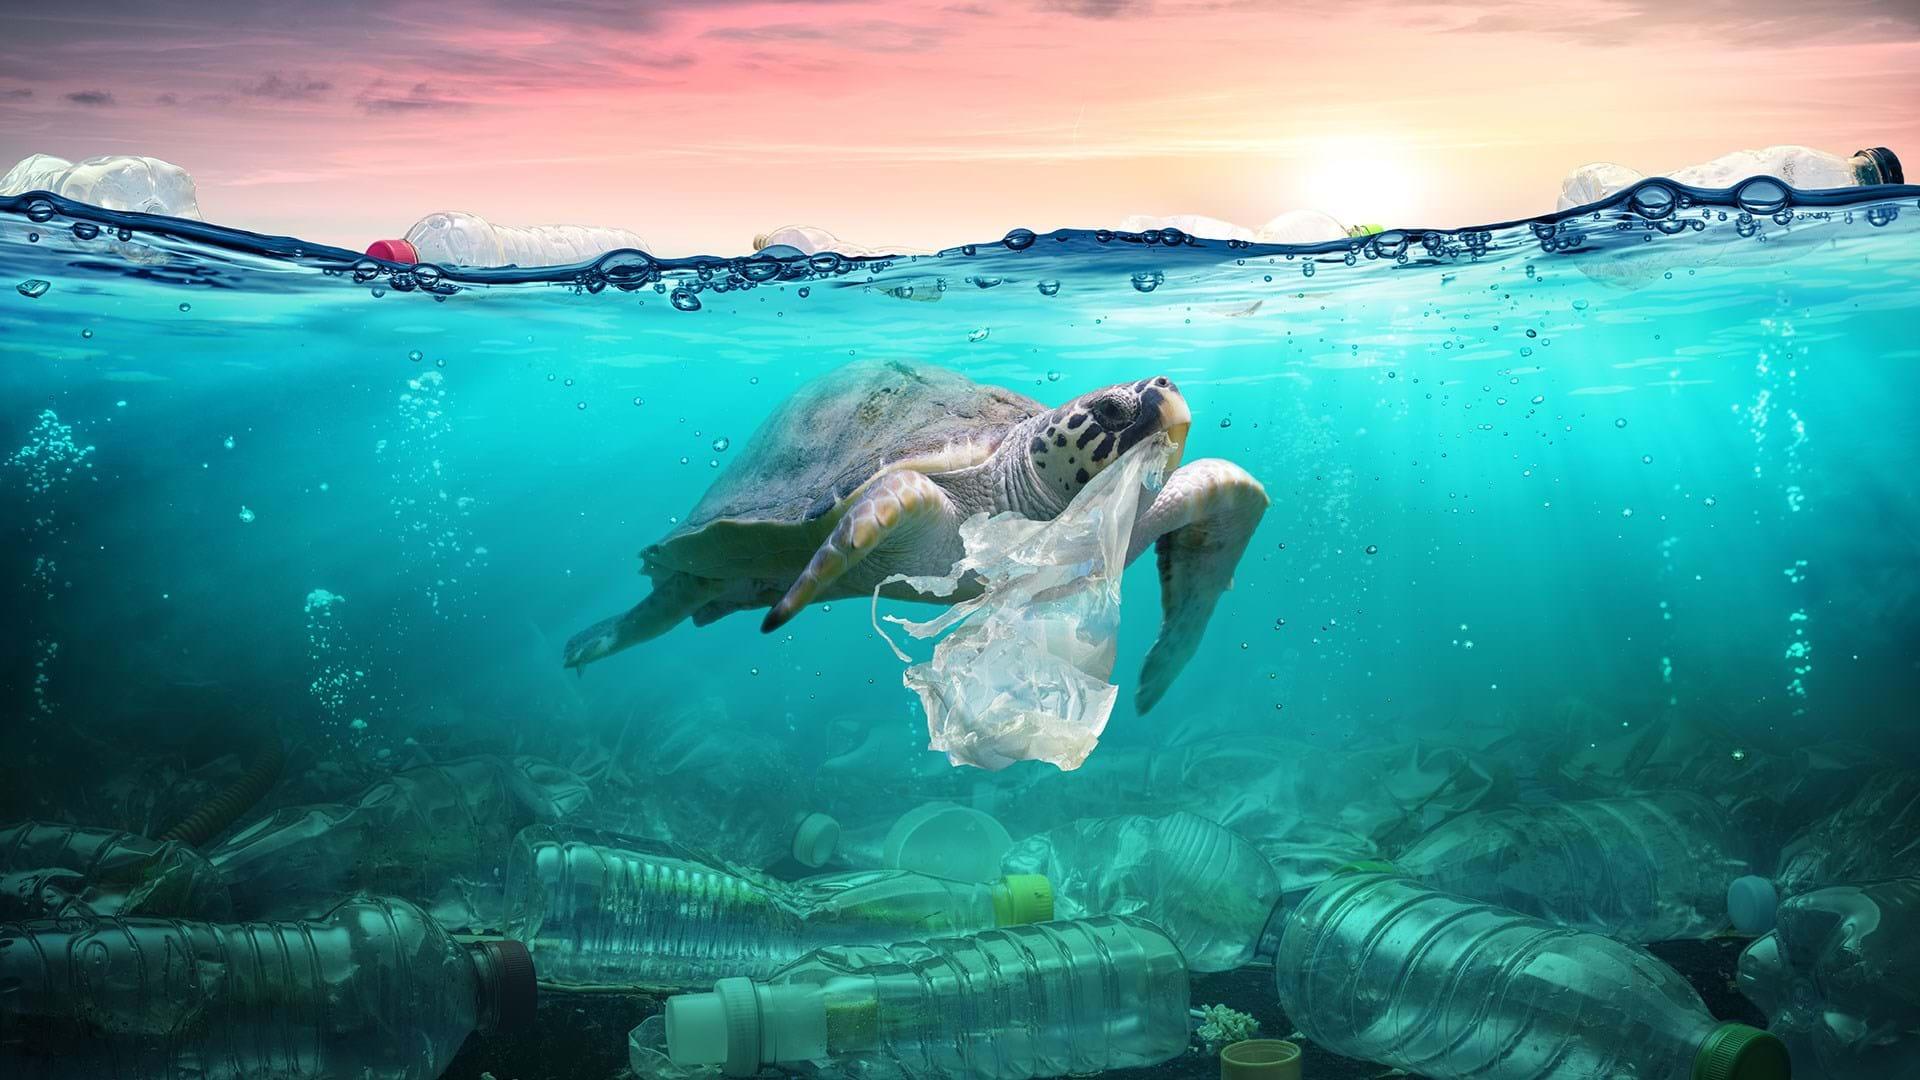 100 Plastic In The Ocean Statistics Facts 2020